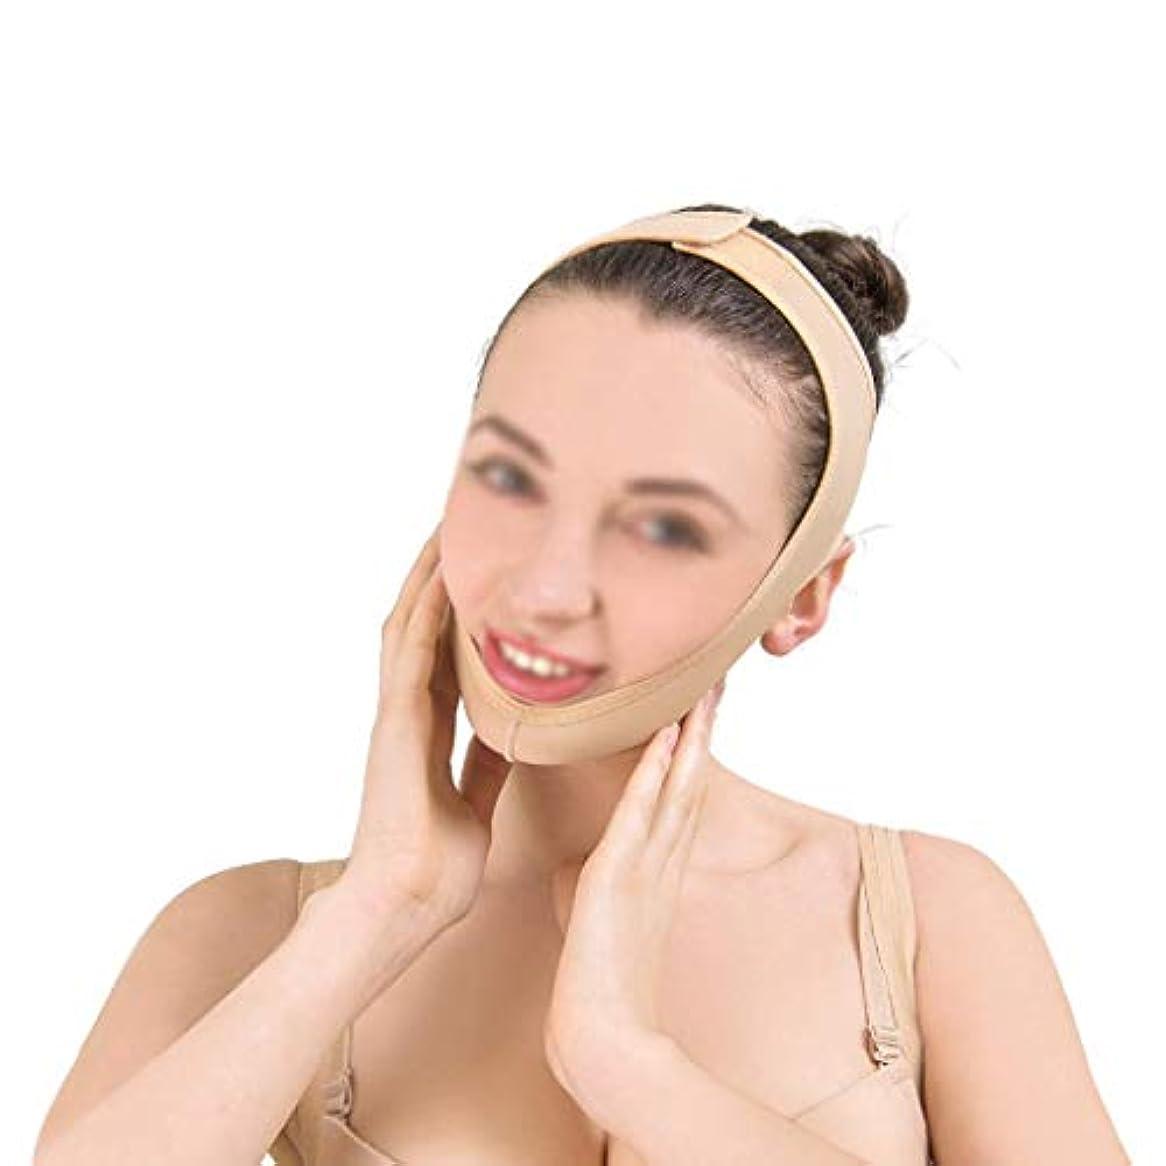 エキスパートシーボードリンクフェイスシェイピングベルト、肌の包帯を持ち上げて引き締める、フェイスベルトを持ち上げる、快適で フェイシャルリフティングマスク(サイズ:S),ザ?